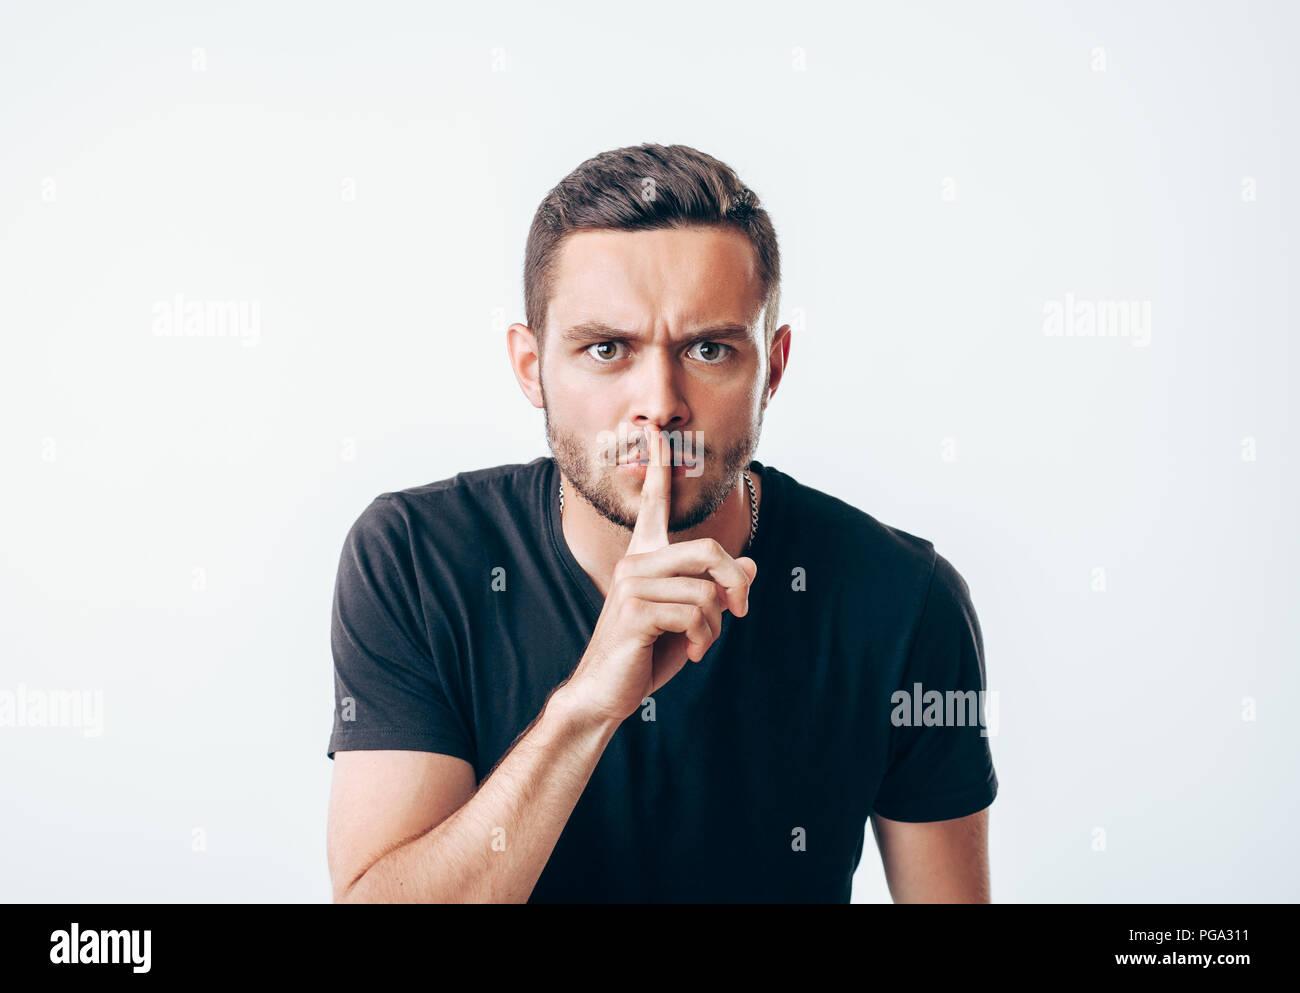 Joven Hombre sujetando el dedo índice sobre los labios pidiendo silencio. Concepto secreto Imagen De Stock